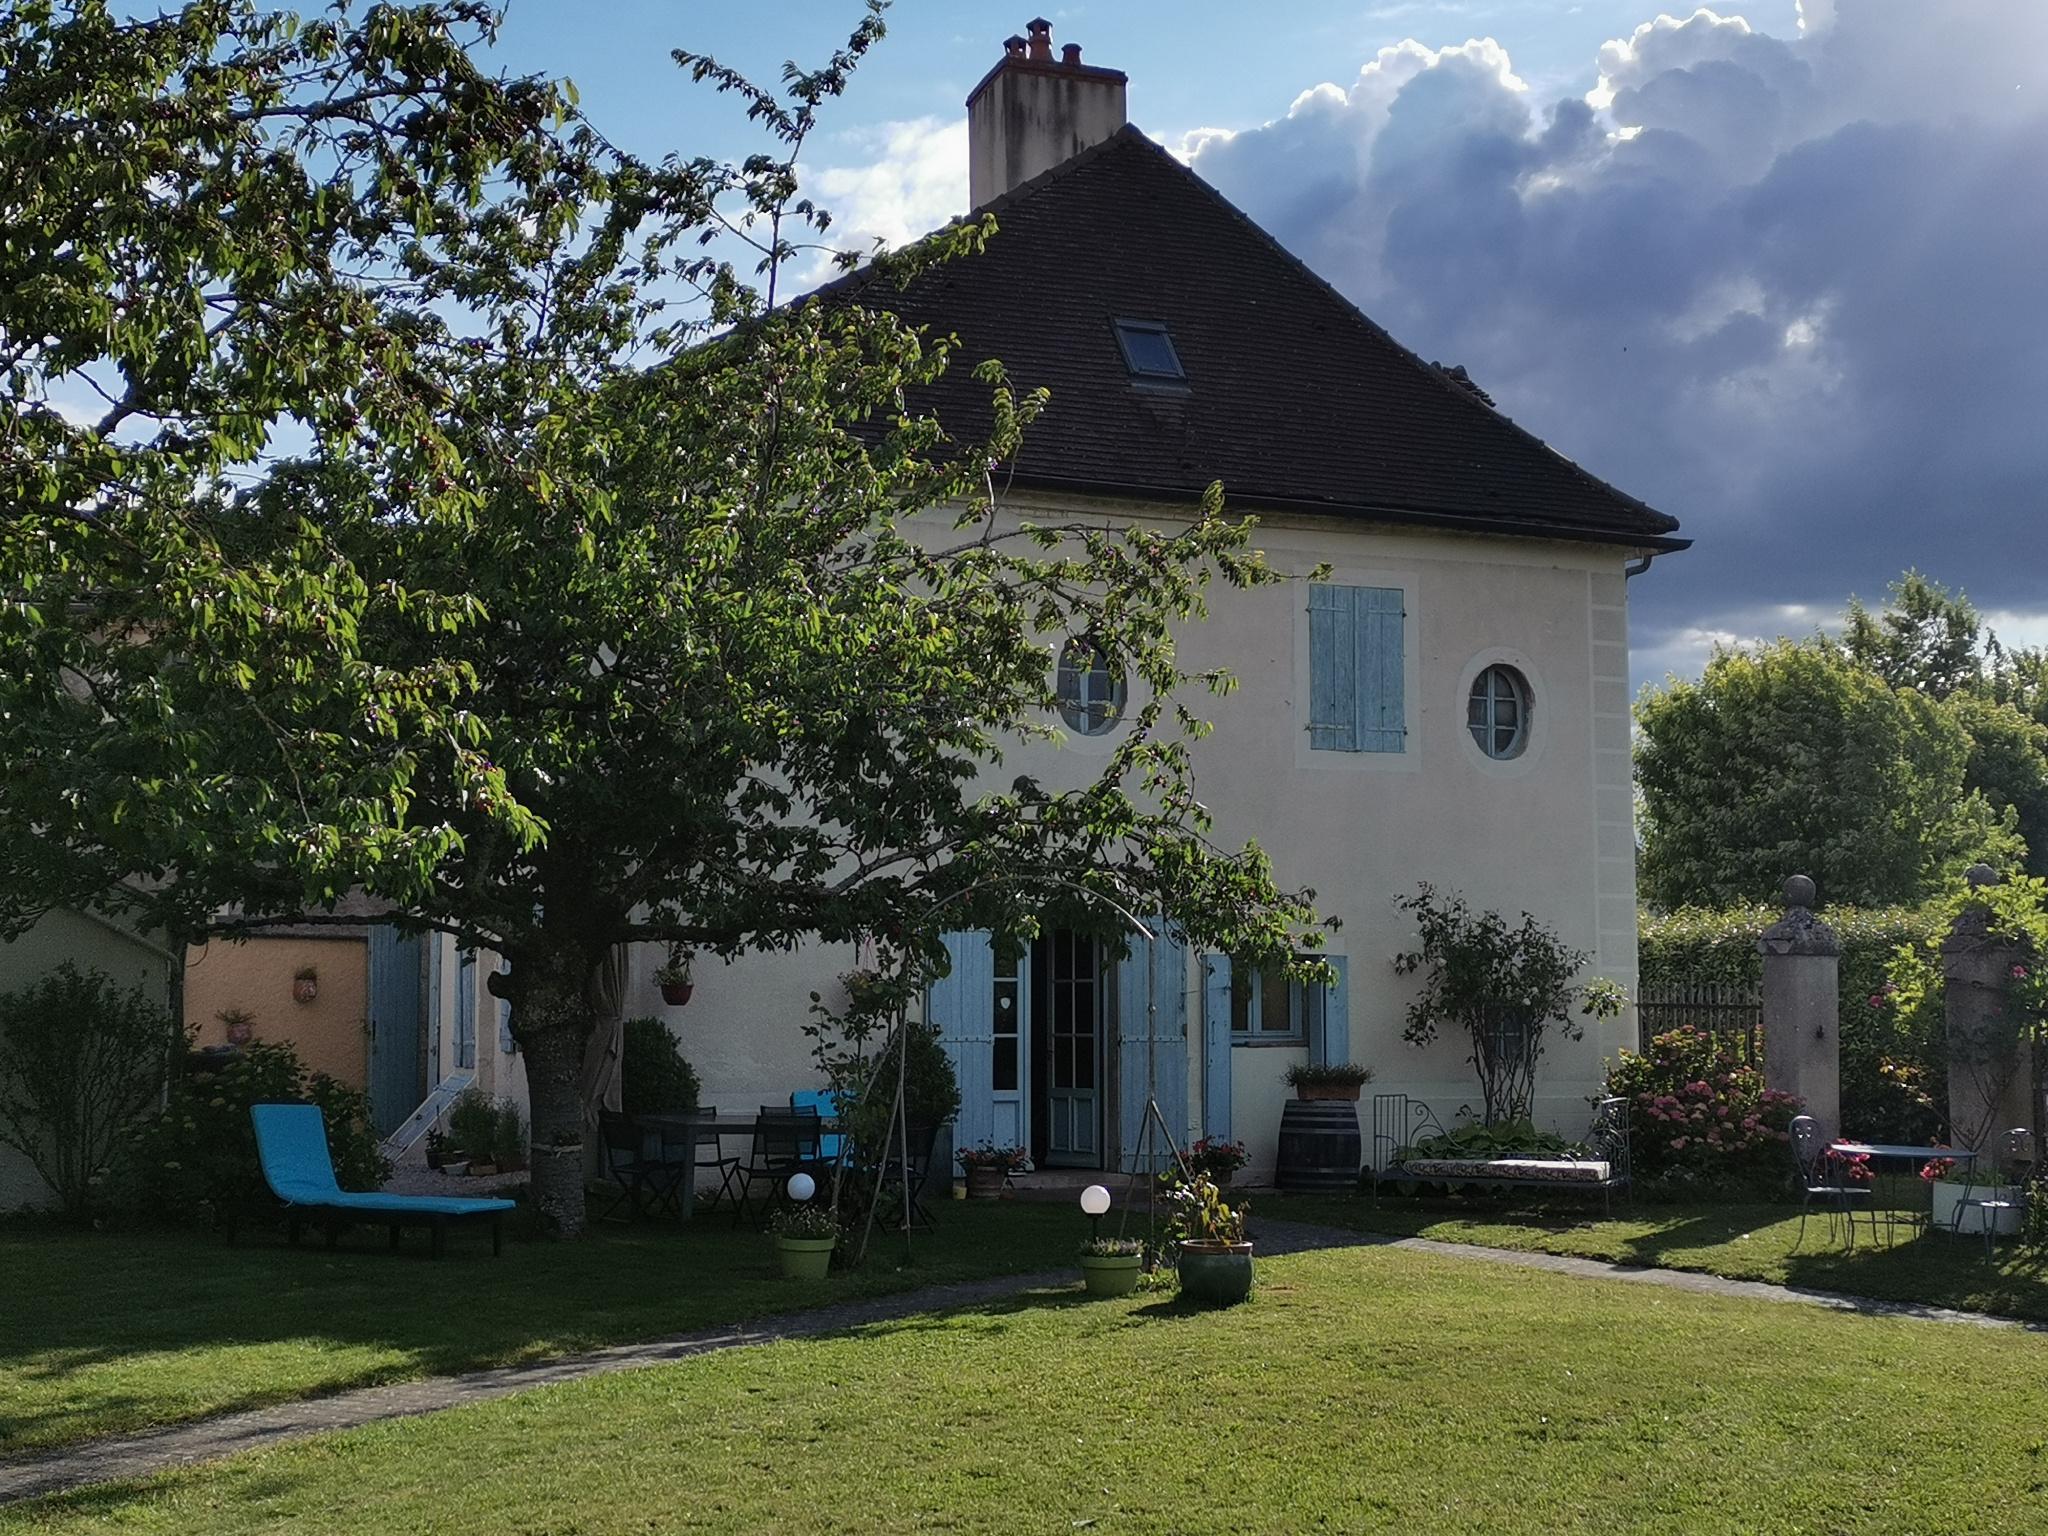 Vente maison/villa st loup geanges Boulangerie - Pharmacie - Intermarch�